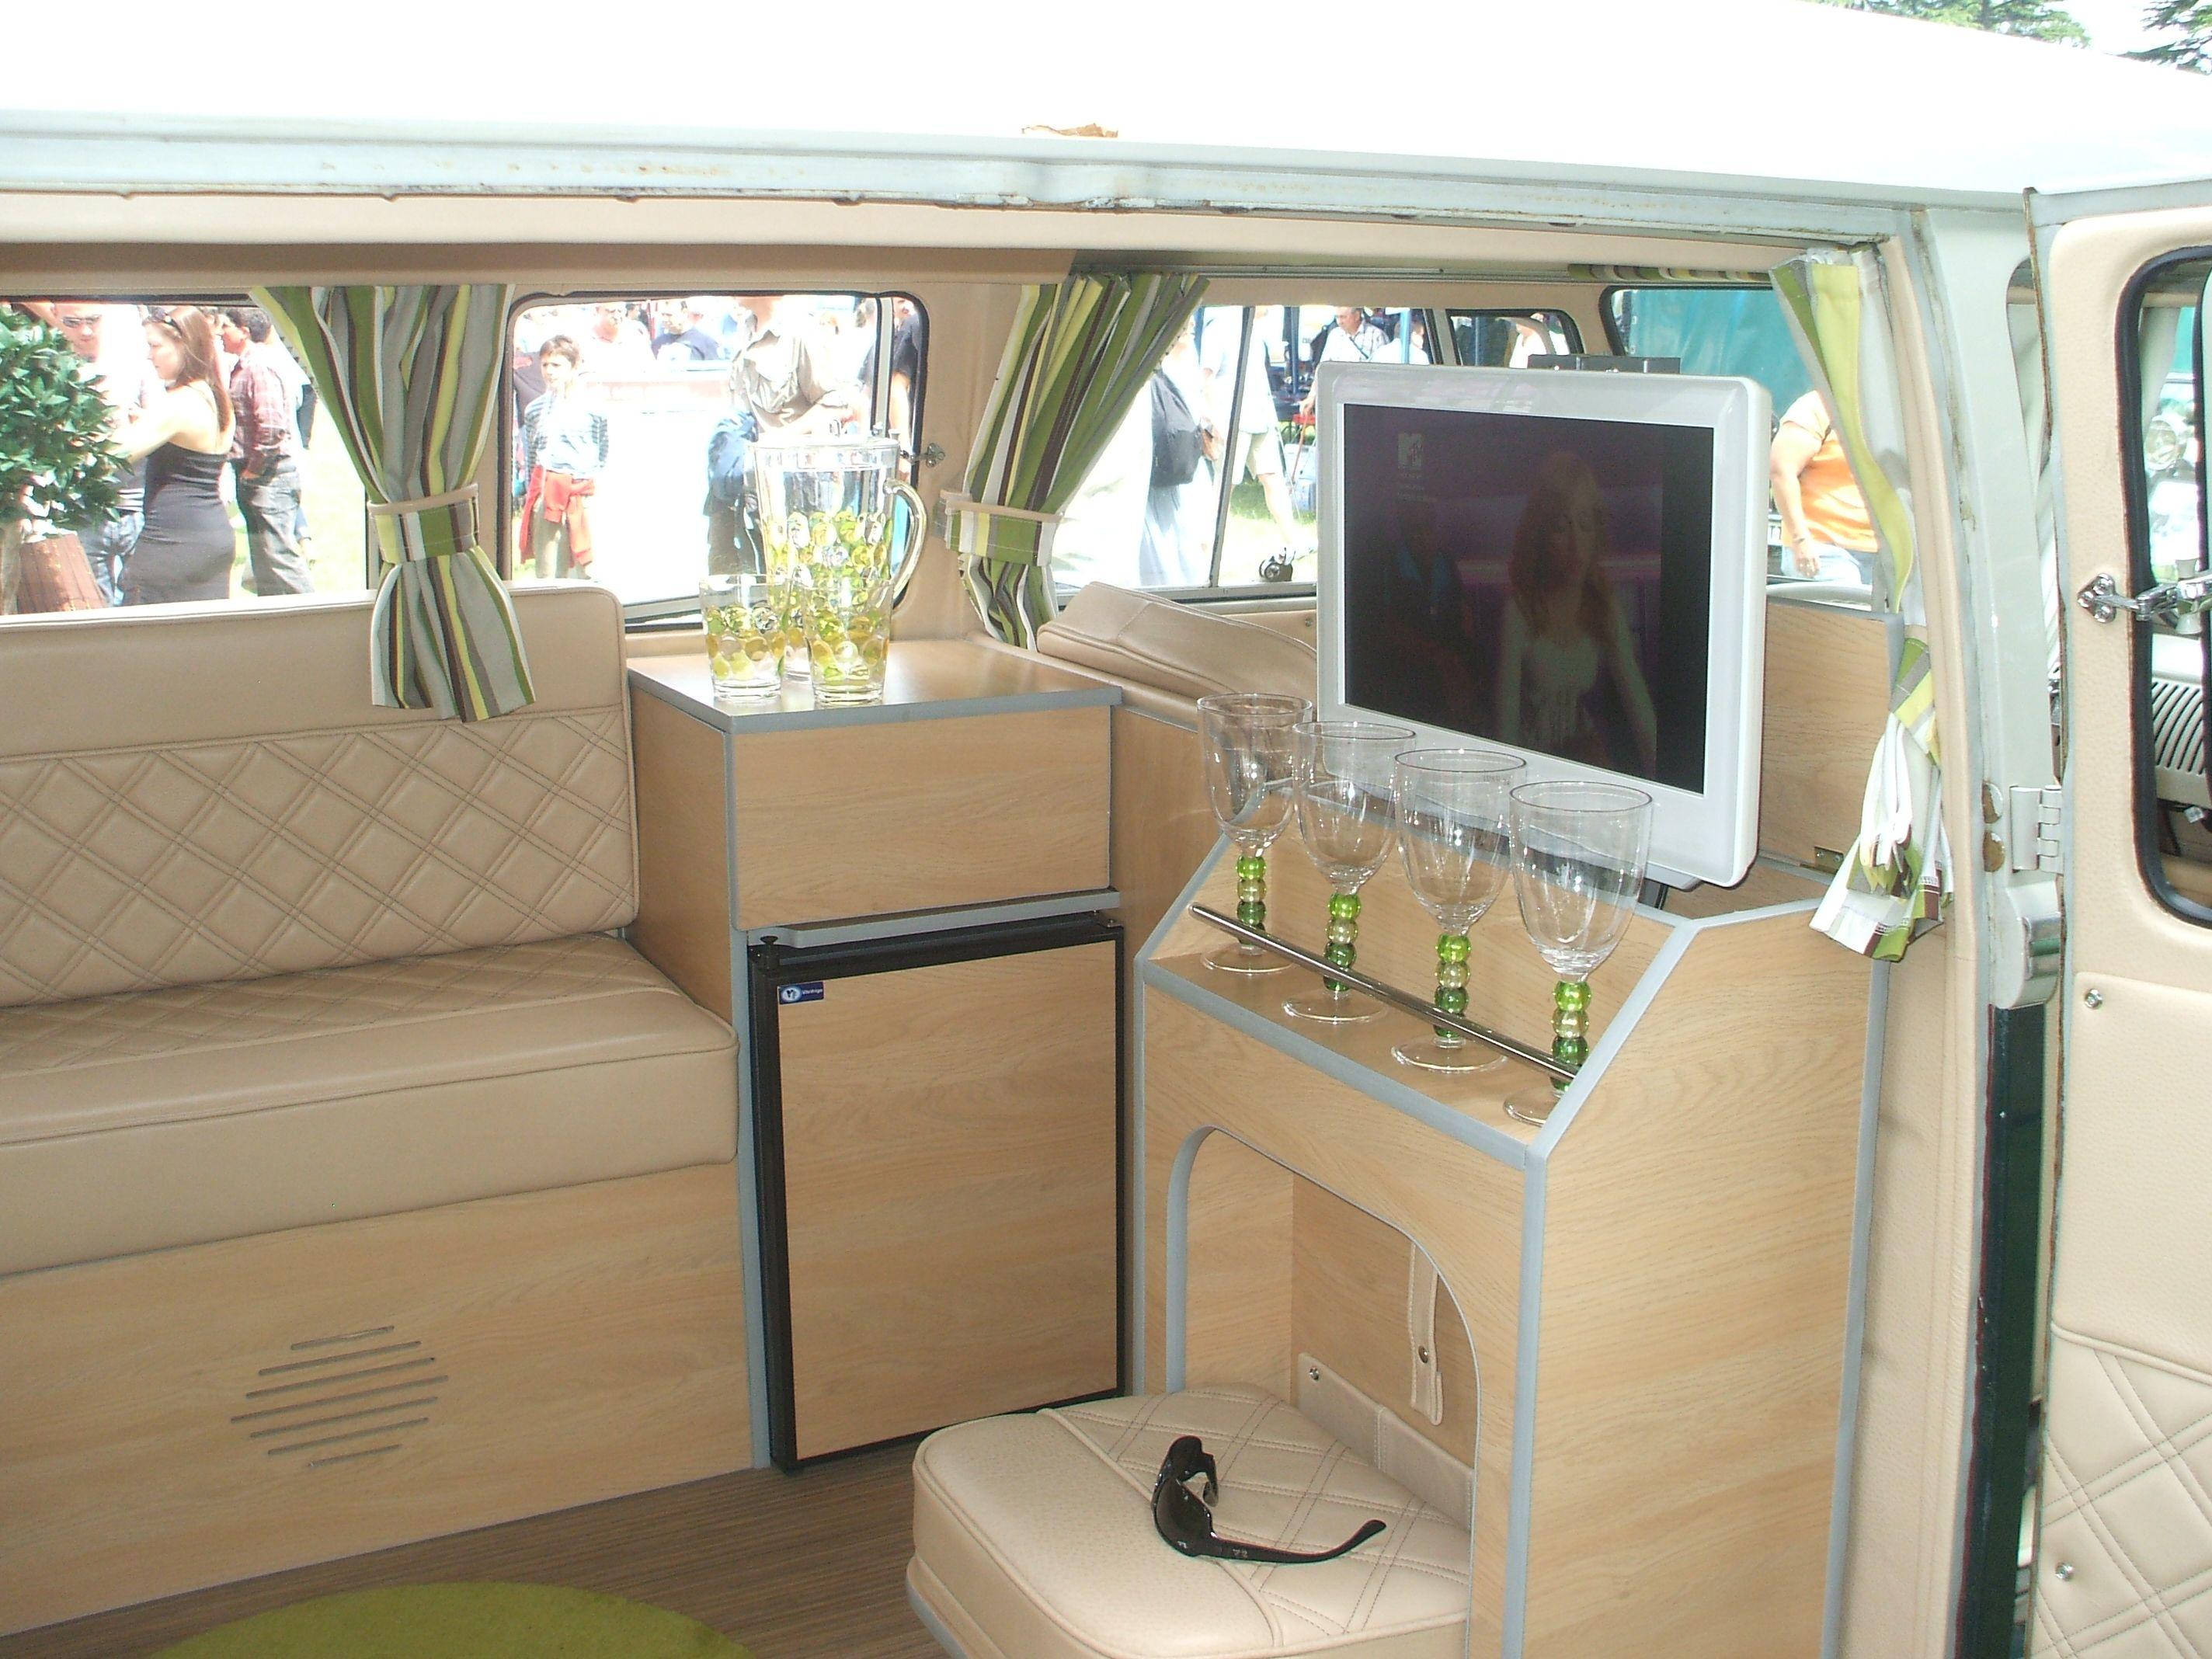 Restored Vw Camper Van Storage With Drop Down Seat Bus Interior Vw Bus Interior Vw Camper